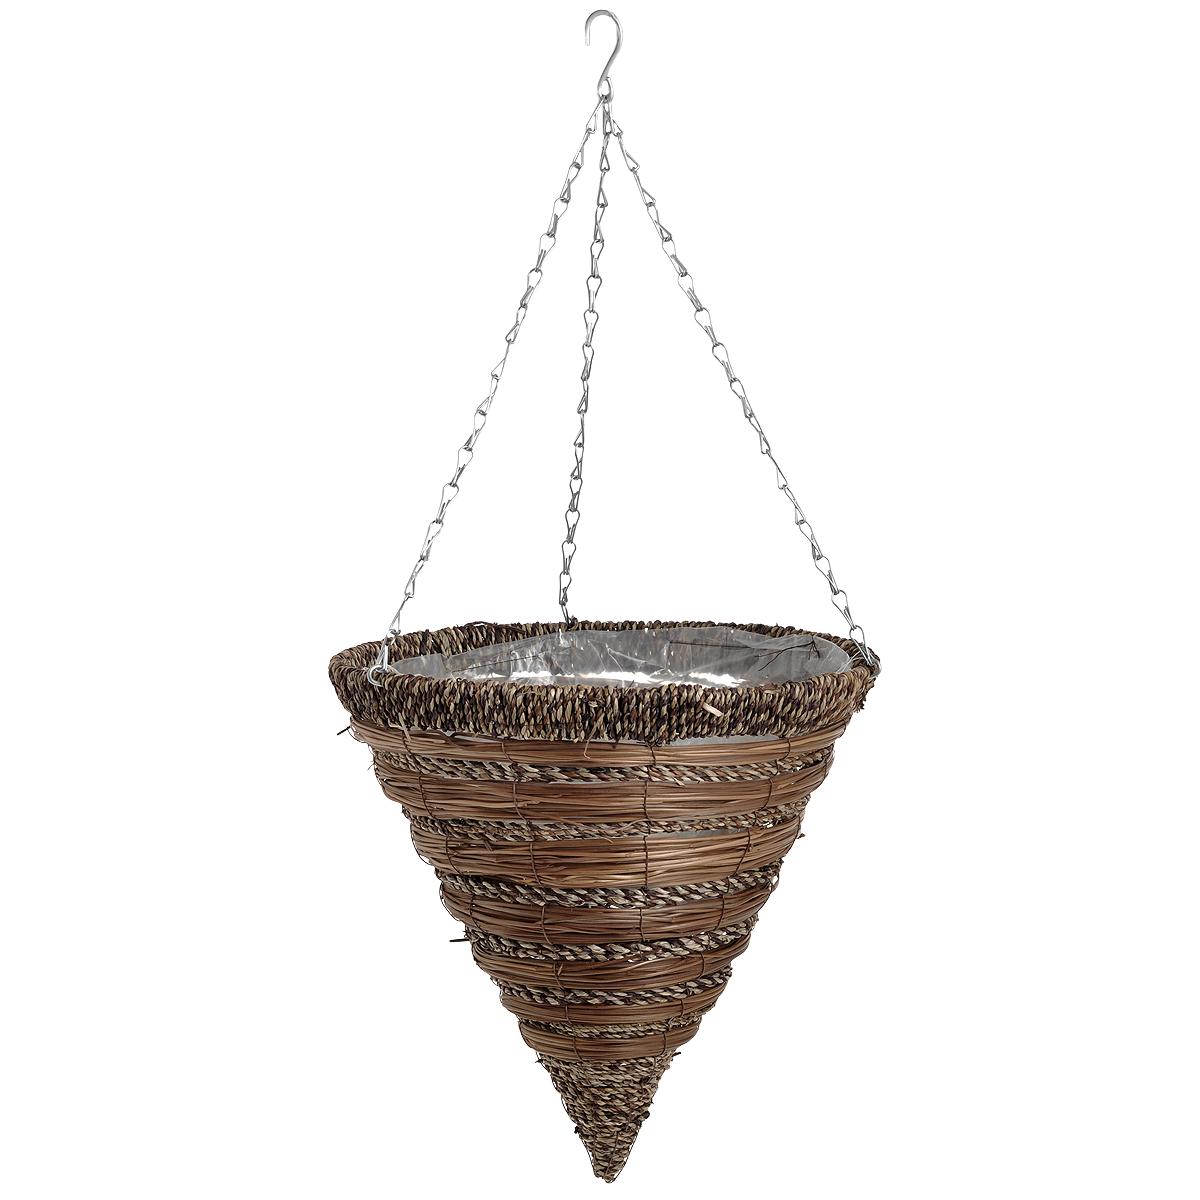 Корзина подвесная для цветов Gardman, диаметр 35 см. 0277002770Подвесная плетеная корзина Gardman в форме конуса изготовлена из сизаля. Каркас выполнен из металла. Корзина уже оснащена специальной пленкой и полностью готова для посадки растений. Прекрасно подходит для цветов. Подвешивается с помощью специальной тройной металлической цепи с крючком. Кашпо часто становятся последним штрихом, который совершенно изменяет интерьер помещения или ландшафтный дизайн сада. Благодаря такому кашпо вы сможете украсить вашу комнату, офис или сад.